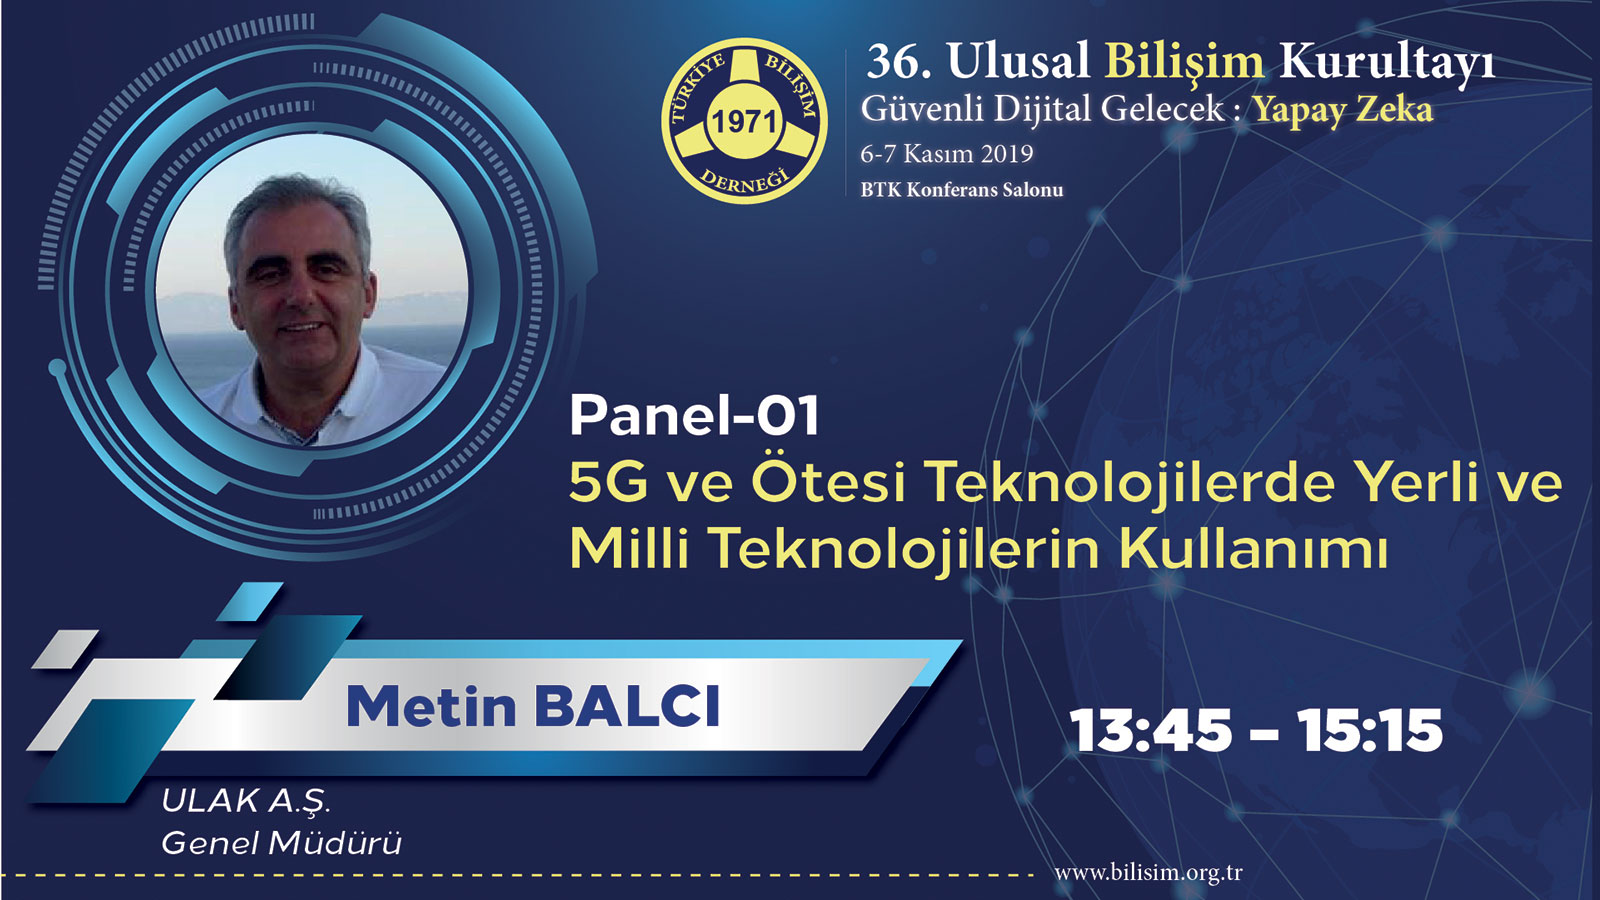 Metin BALCI - 36. Ulusal Bilişim Kurultayı